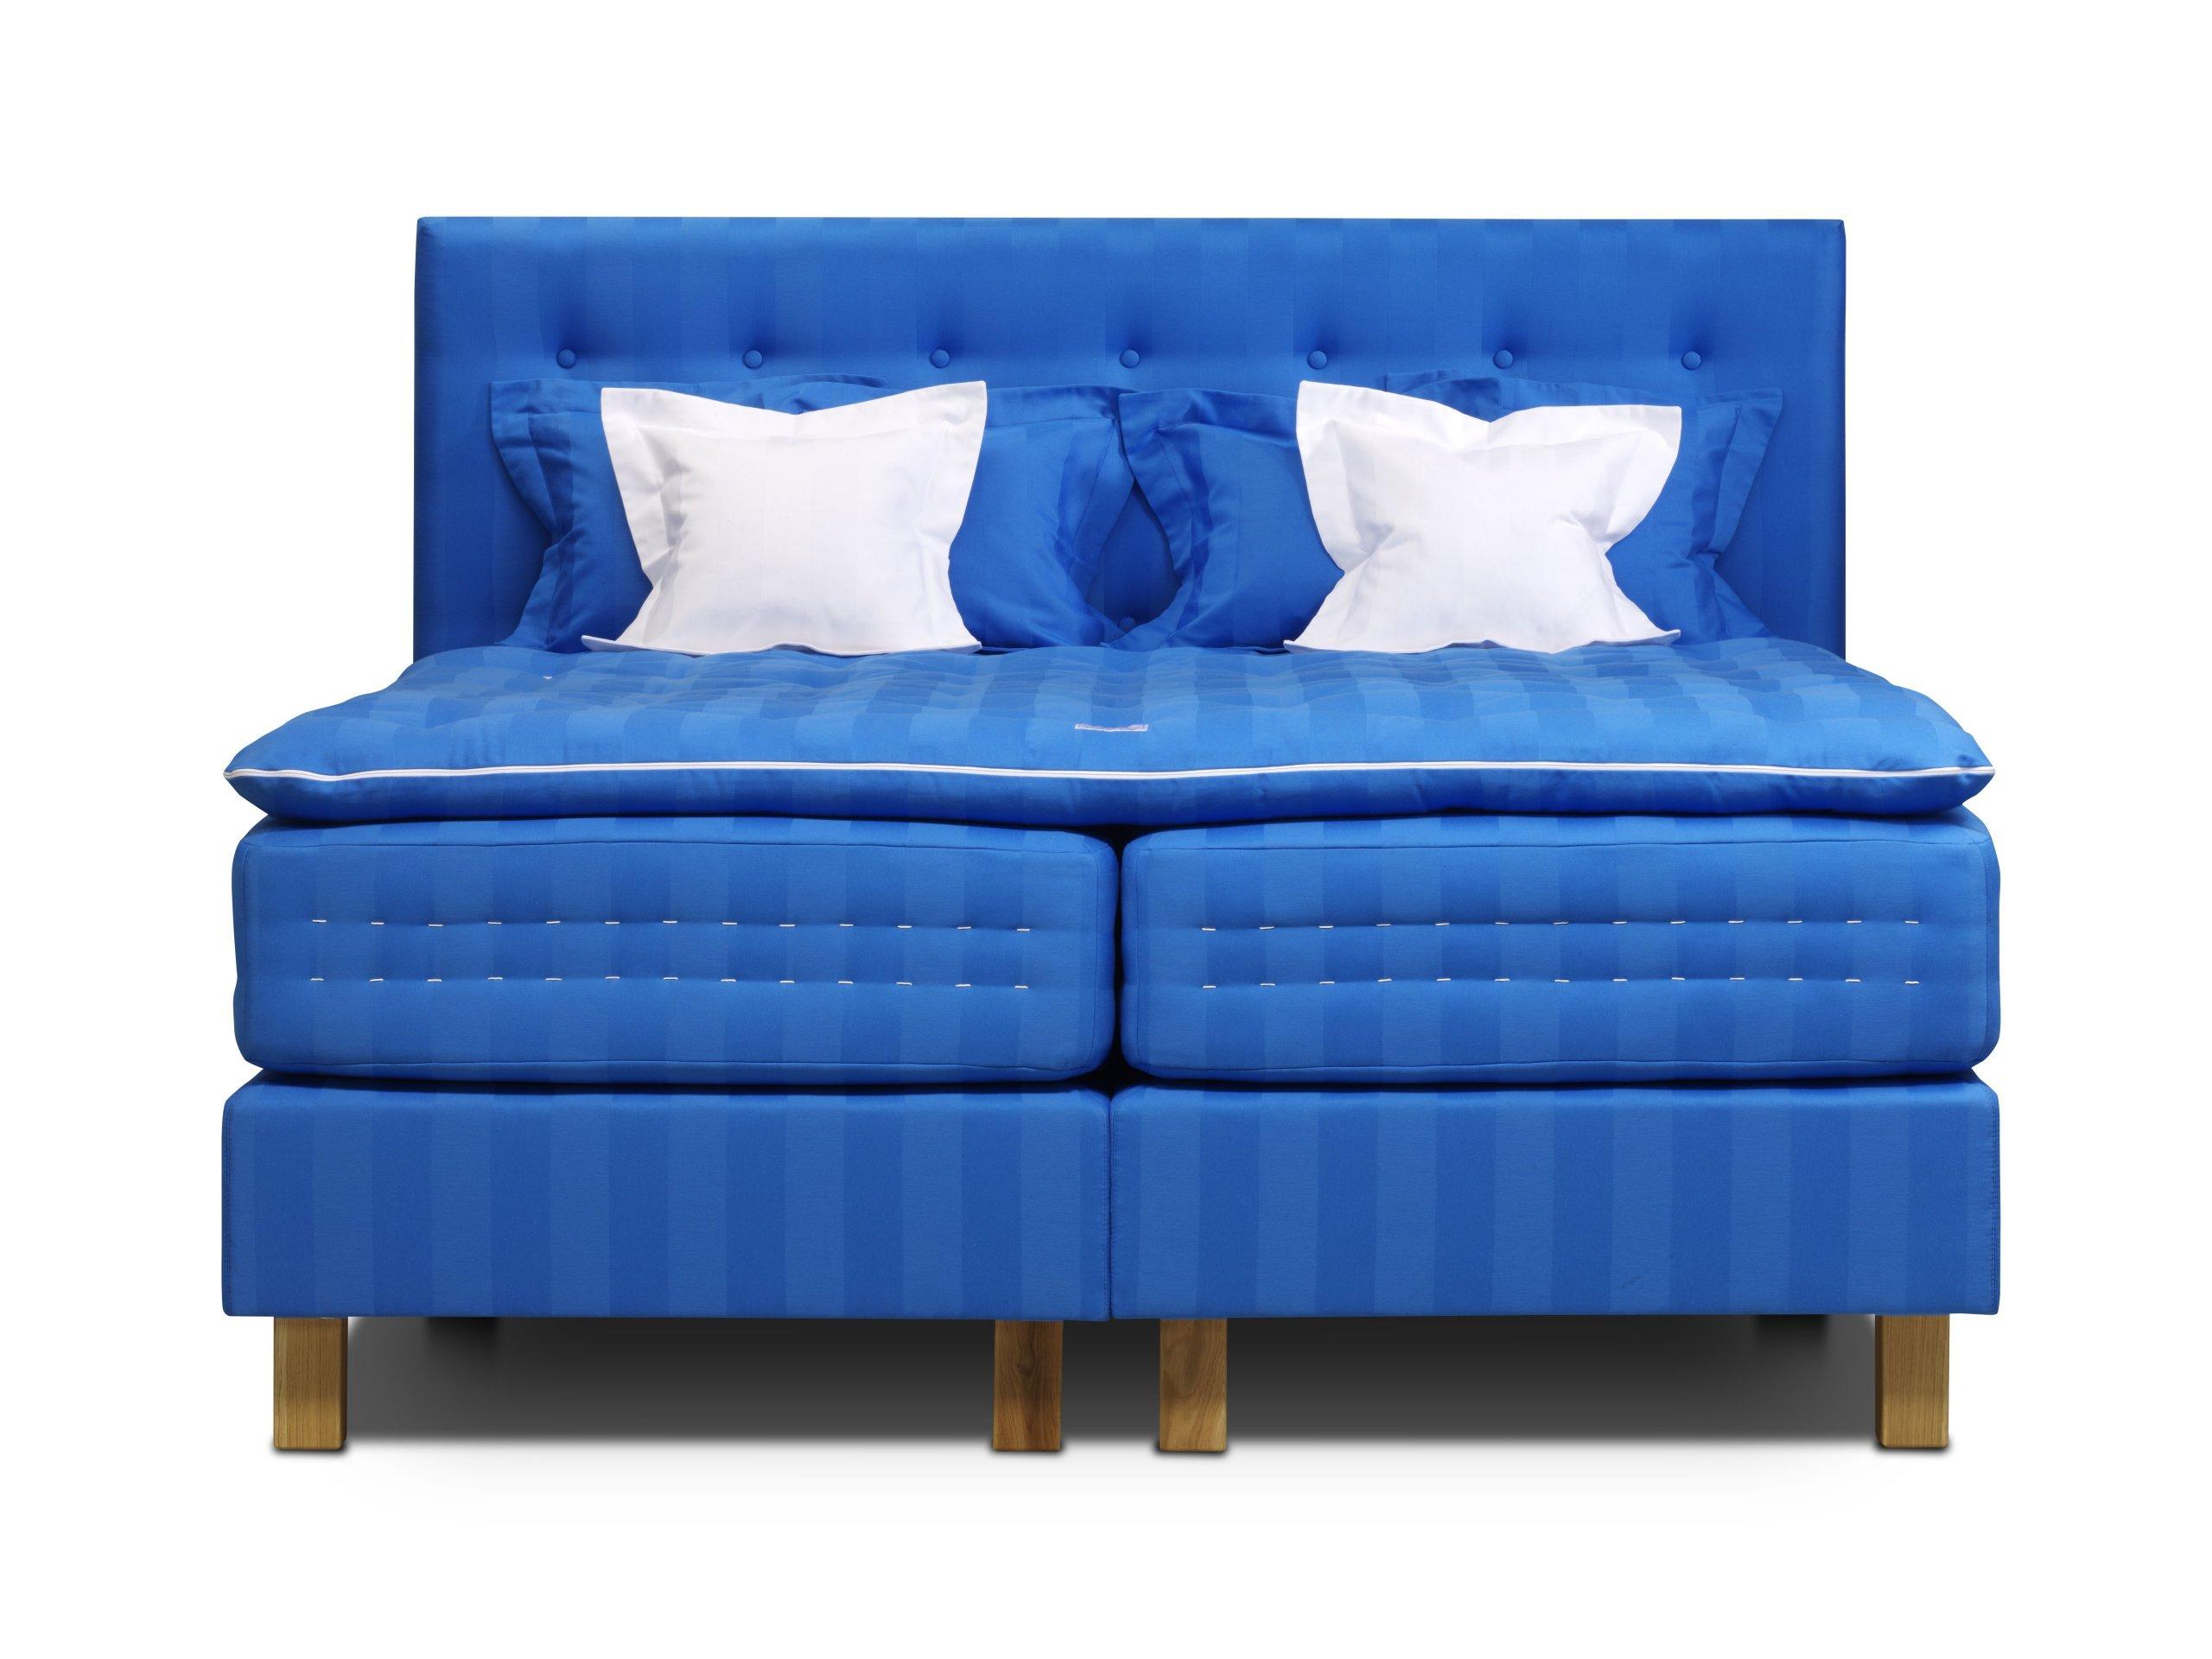 Phantasia patří do tradiční linie Saffron postelí. Vychází z původních skandinávských postupů výroby matrací z 19. století. Tato postel se během spánku…